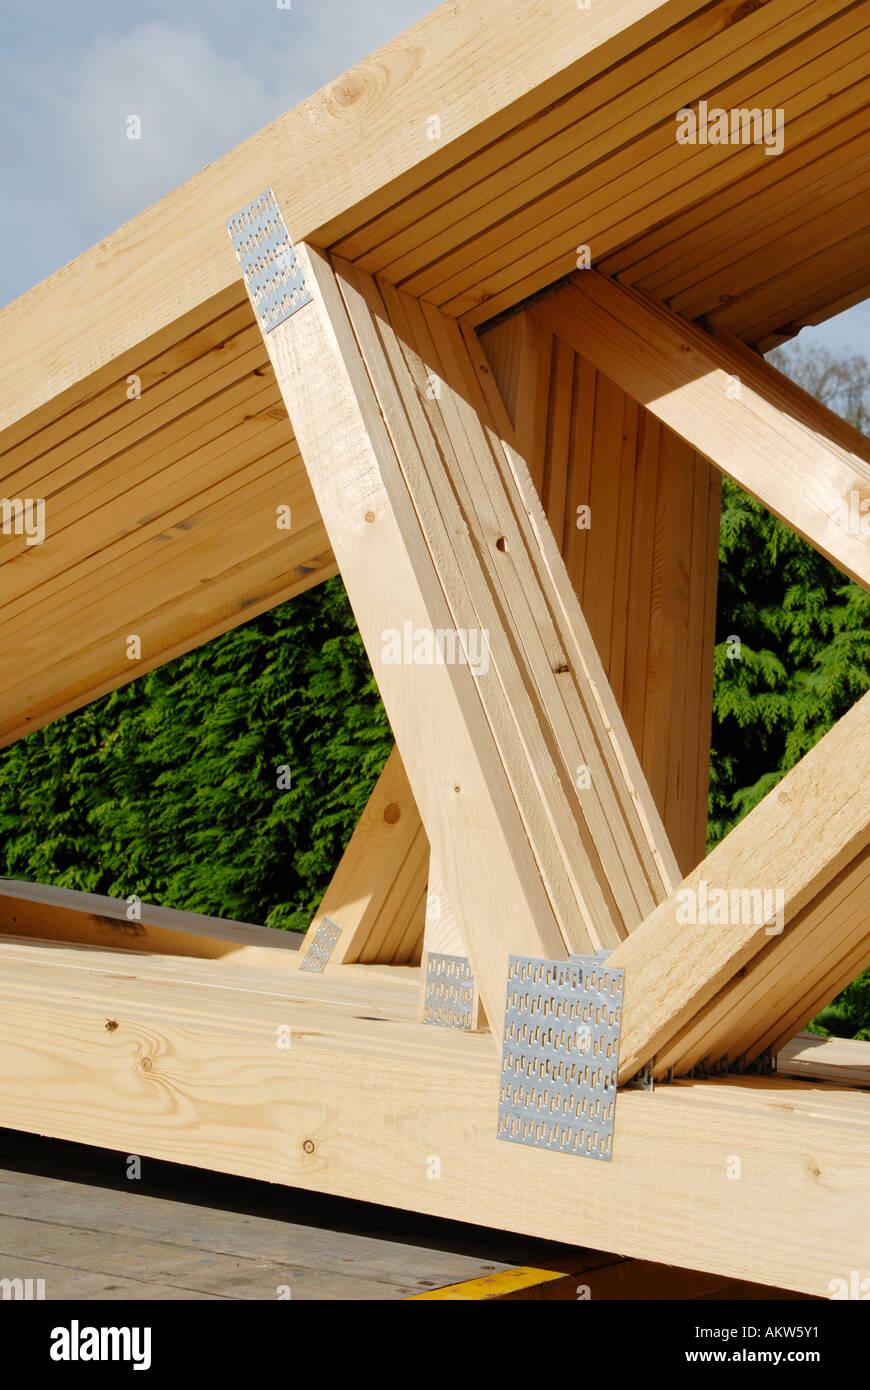 Holz-Dach Bodenplanken bereit für den Einsatz auf einer Baustelle. England-UK. Stockbild